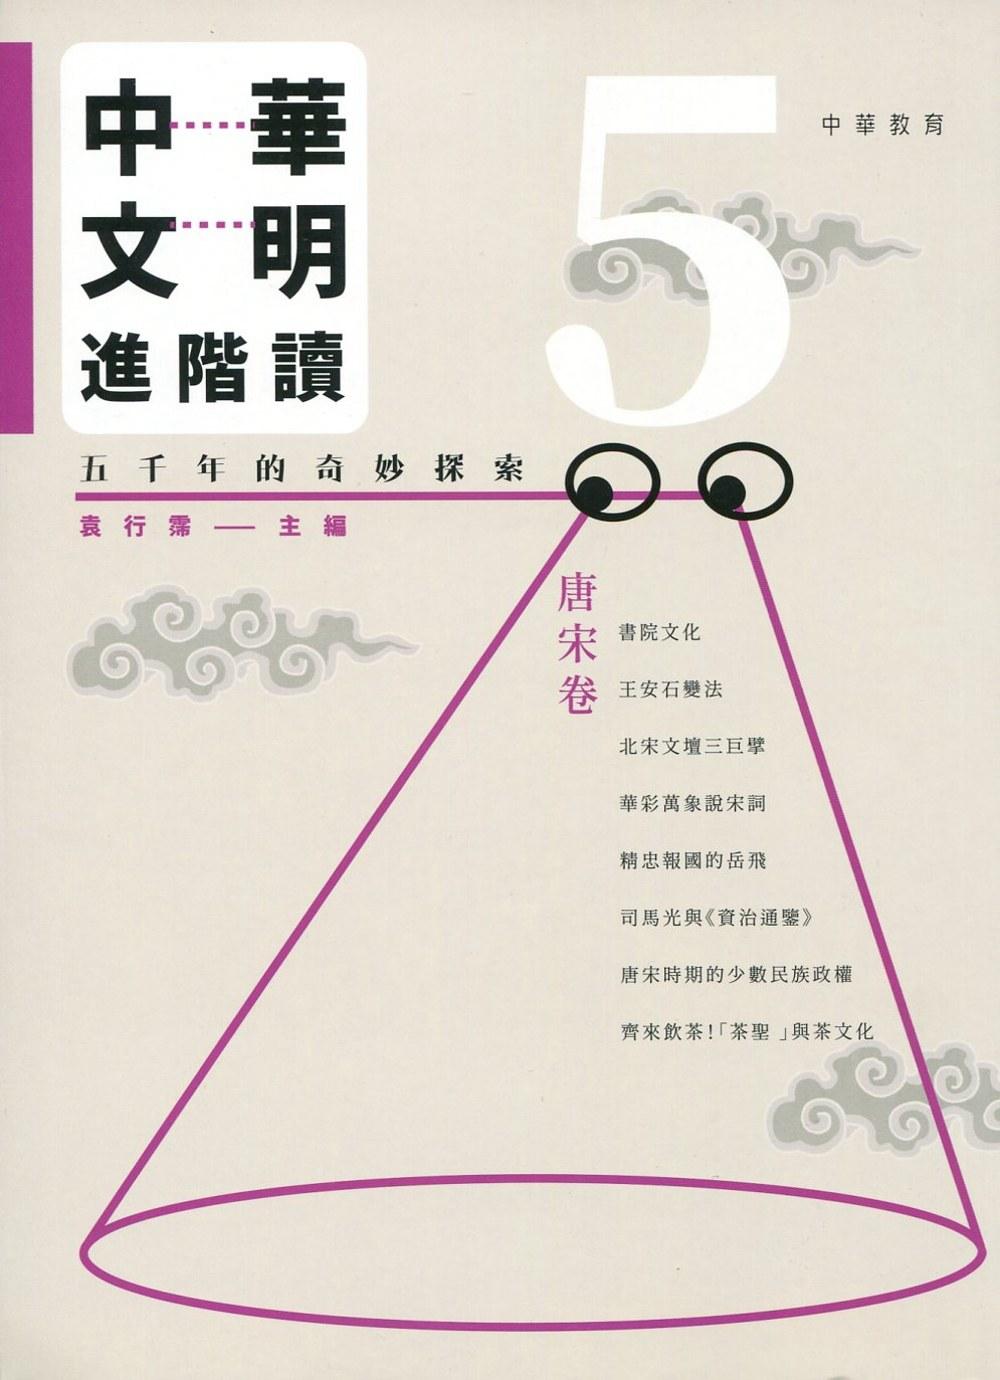 中華文明進階讀:五千年的奇妙探索 5:唐宋卷